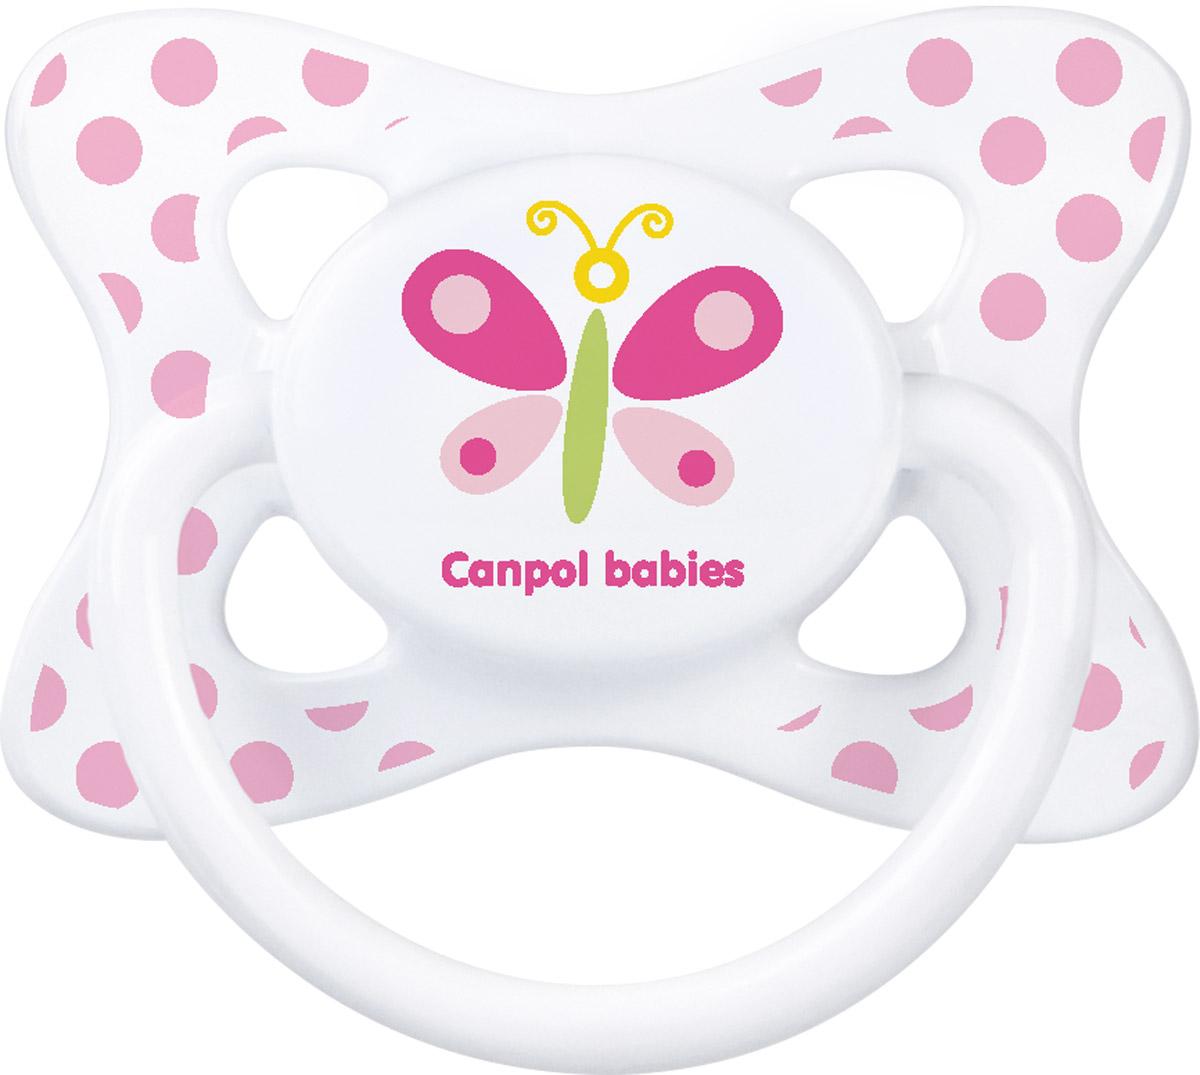 Canpol Babies Пустышка силиконовая симметричная Бабочка от 18 месяцев canpol babies пустышка силиконовая кораблик от 18 месяцев